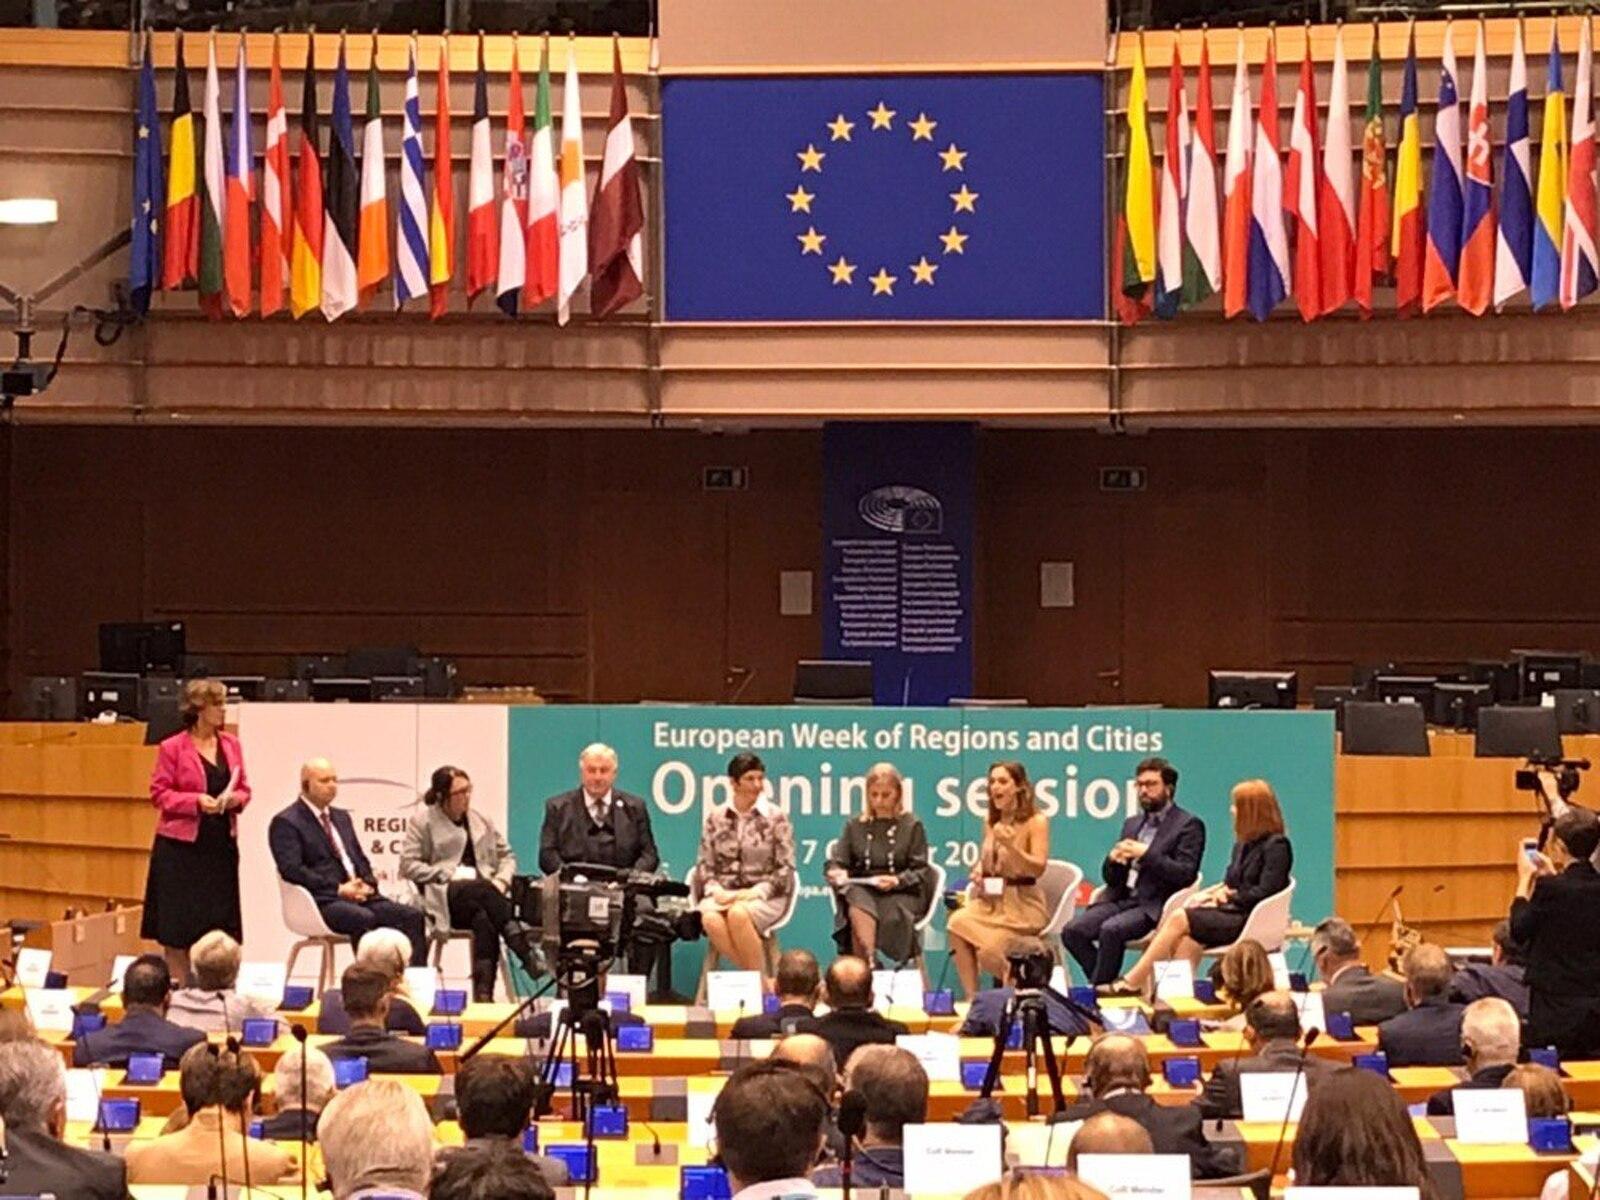 La Setmana Europea de les Regions i de les Ciutats